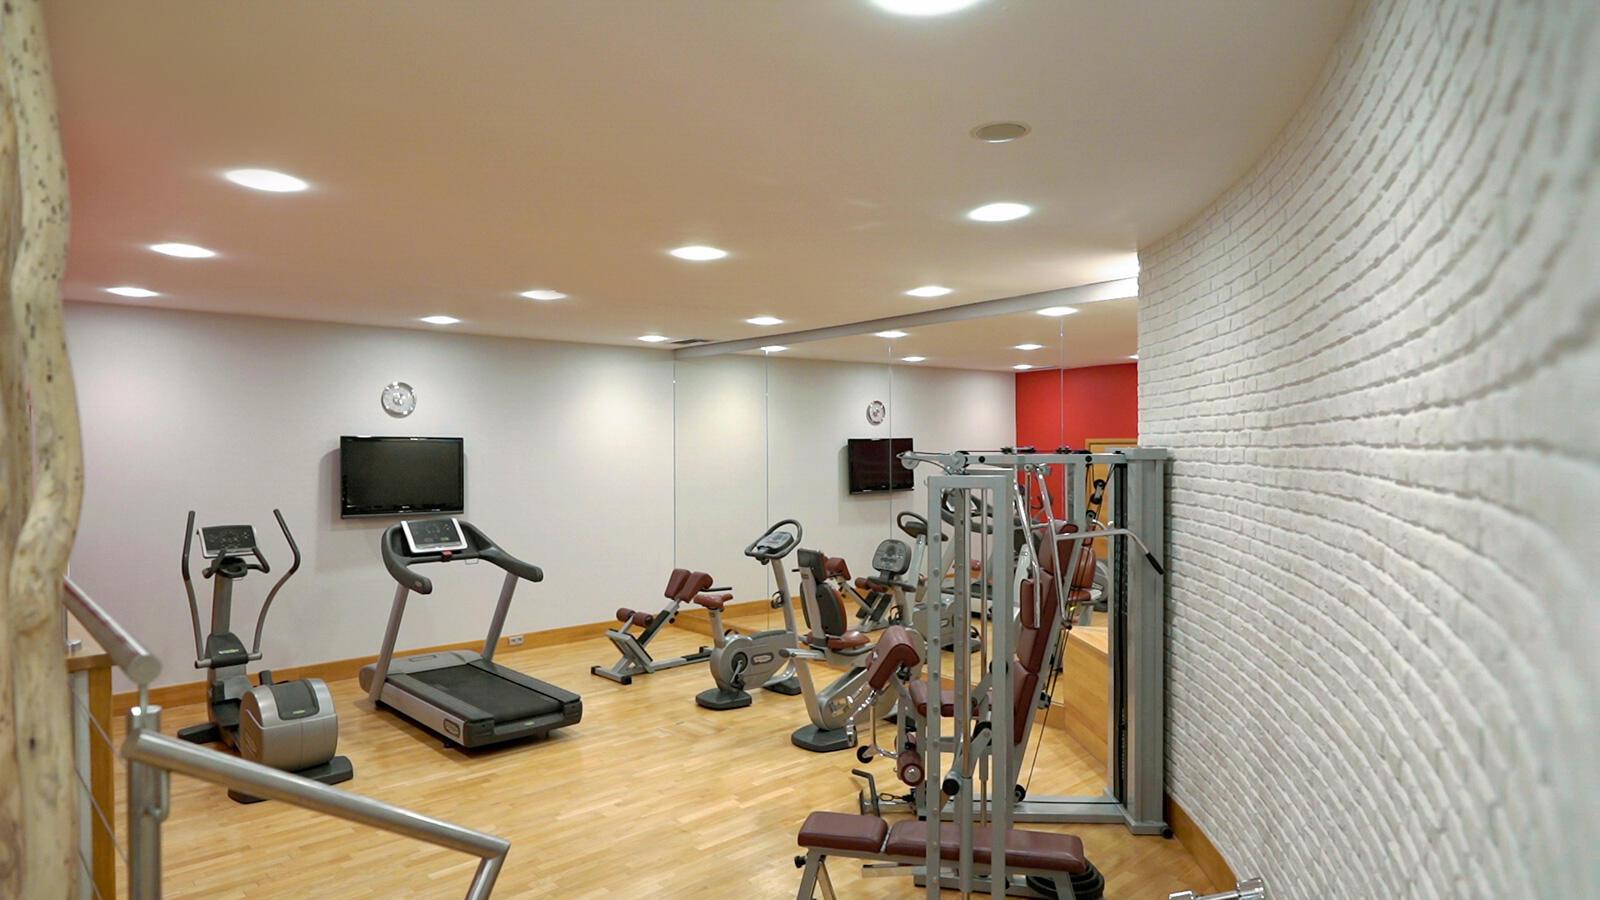 Gym at Polonia Palace Hotel, Warsaw